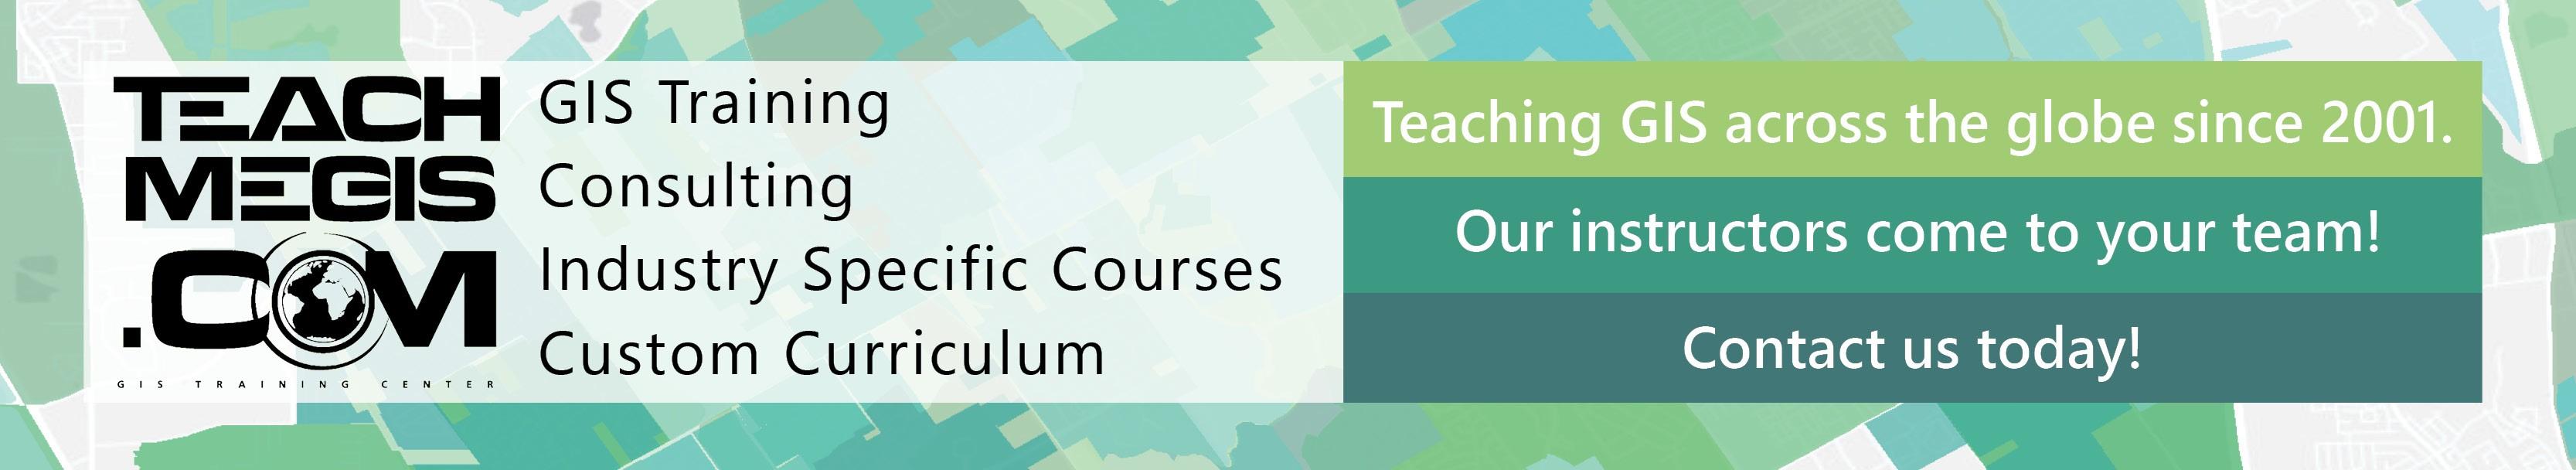 TeachMeGIS | LinkedIn